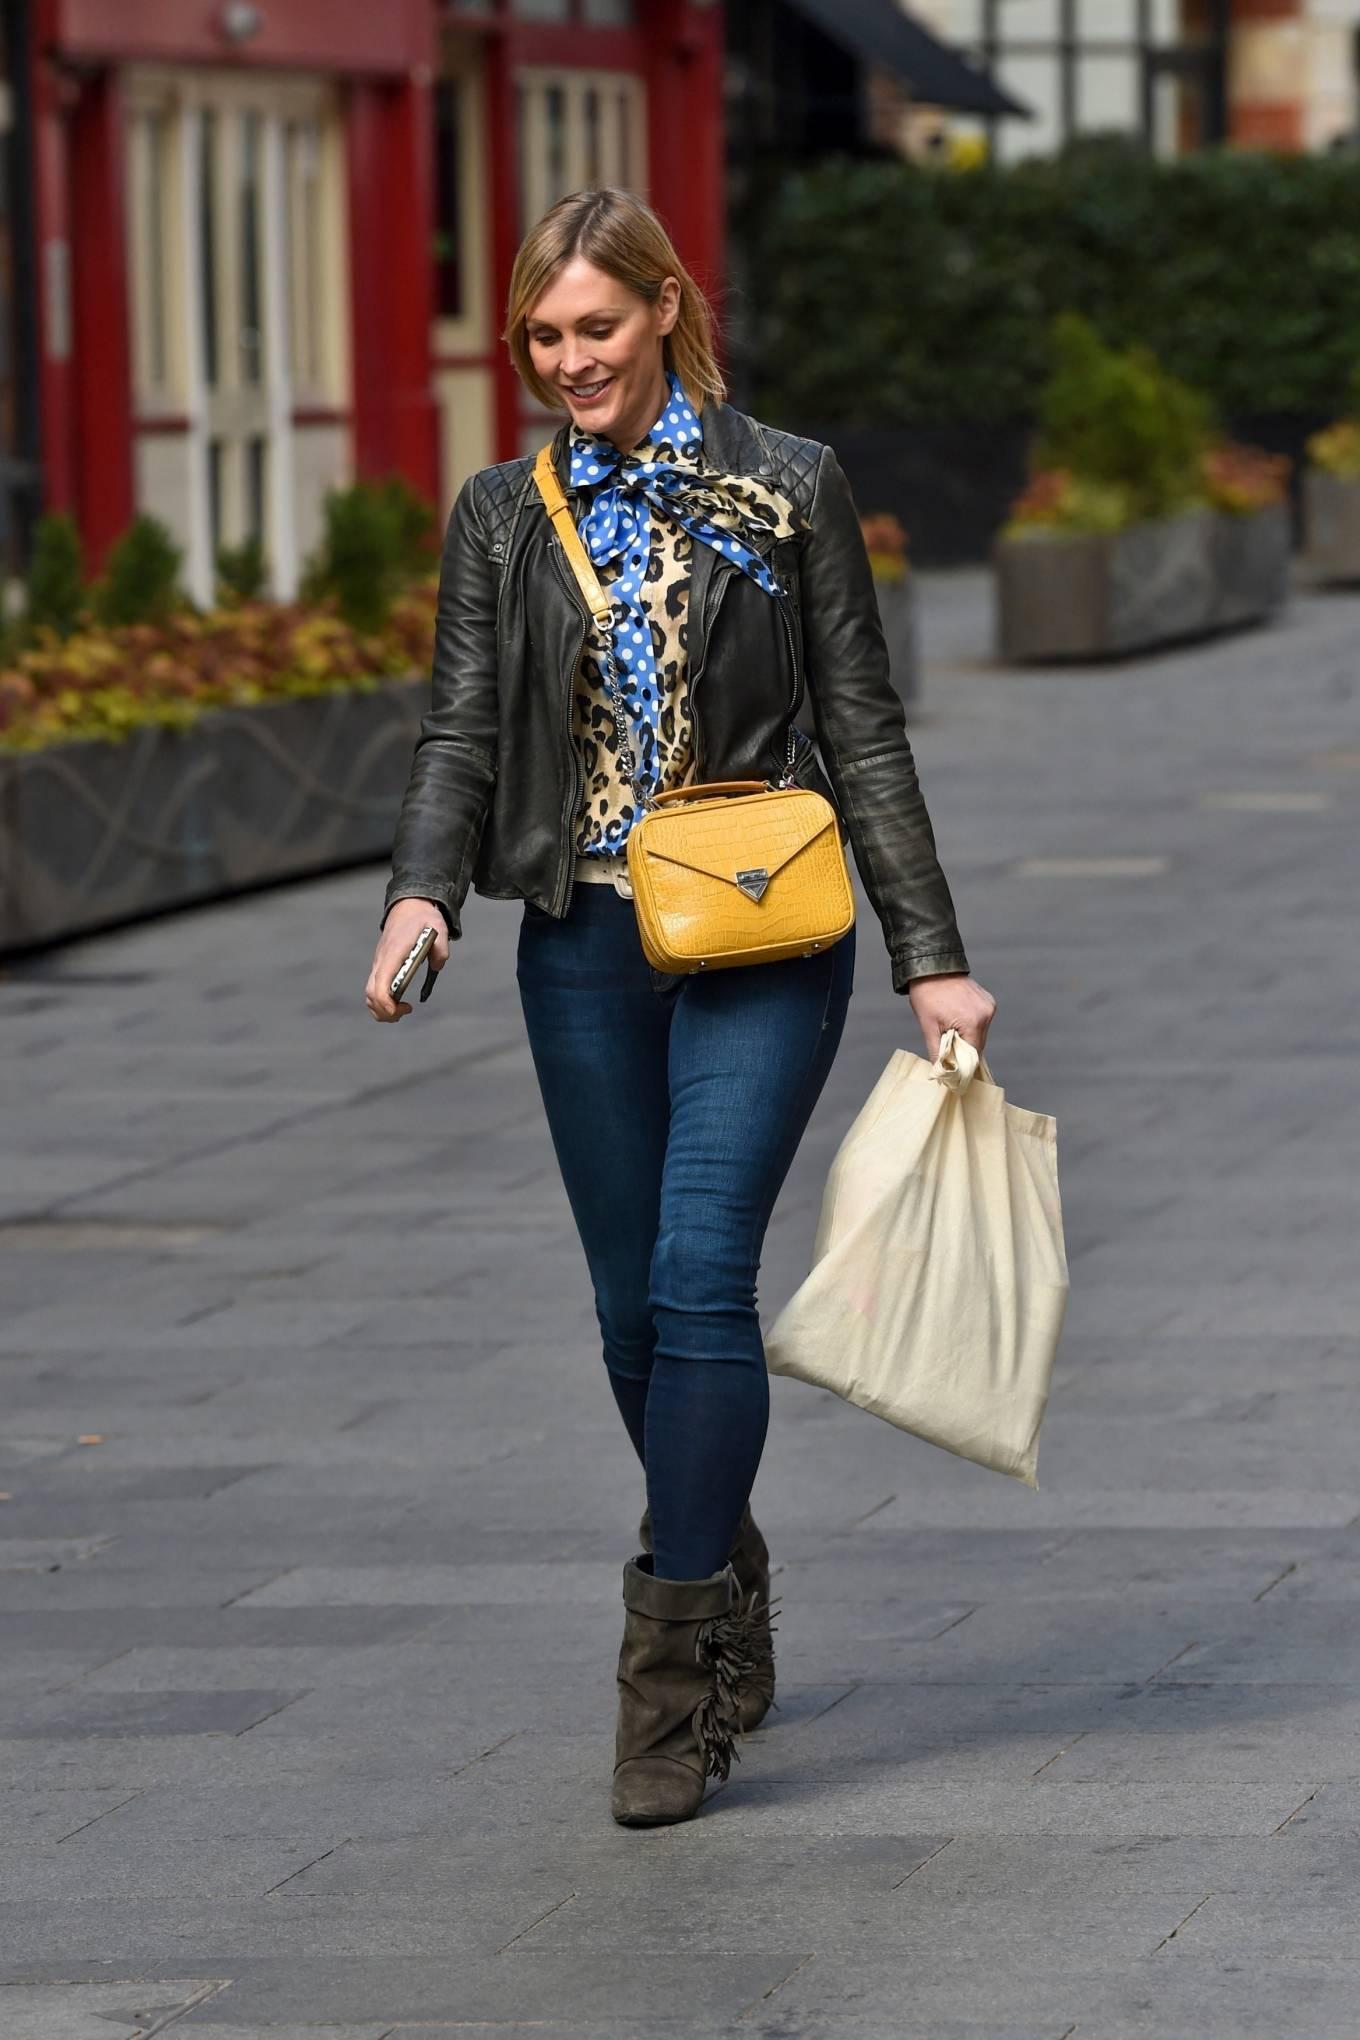 Jenni Falconer 2021 : Jenni Falconer – Pictured leaving the Global studios -04